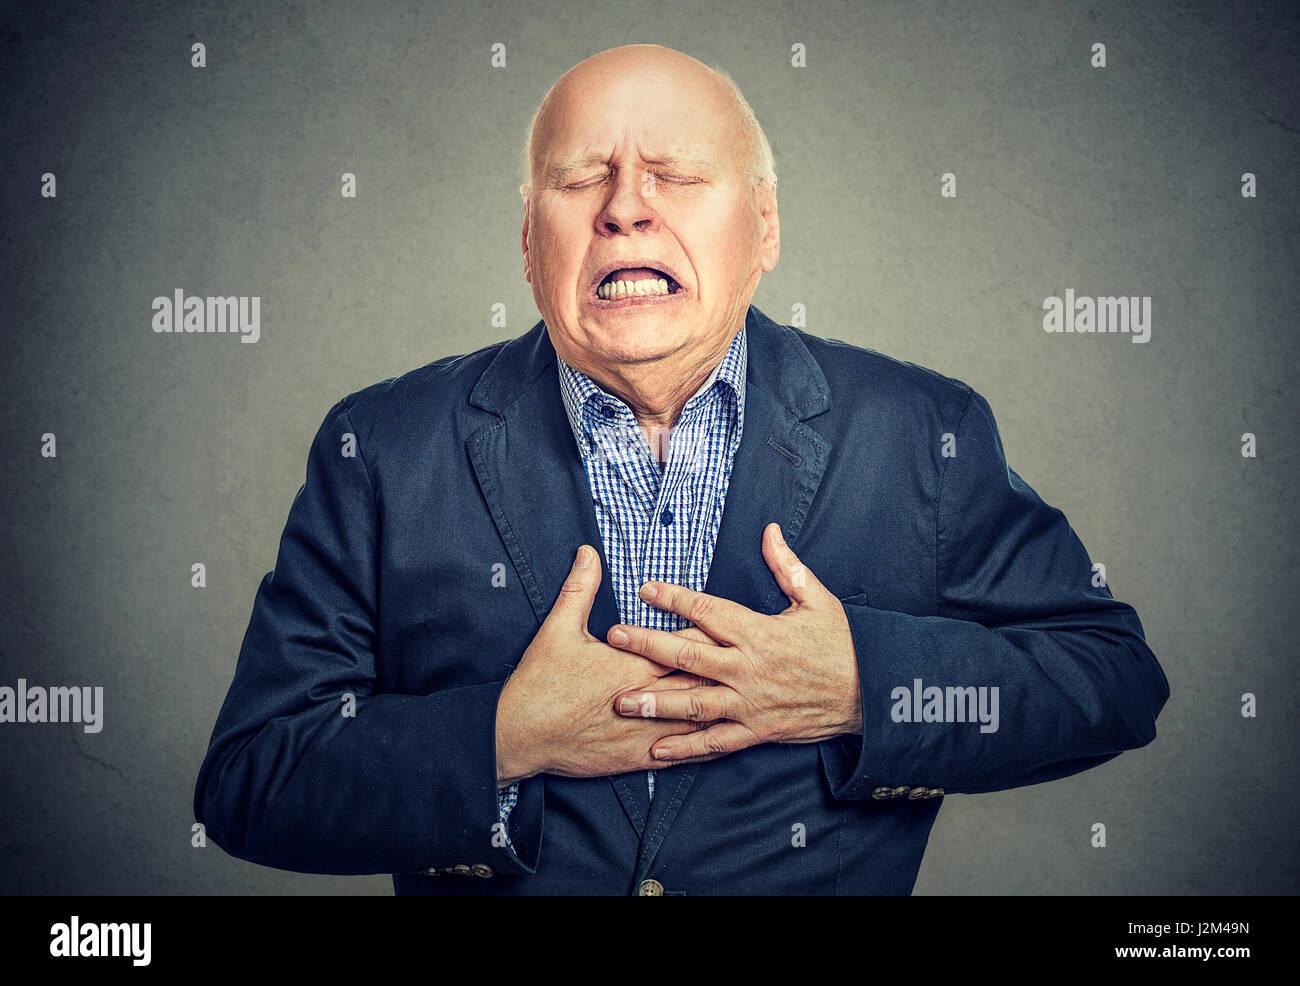 Man attaque cardiaque Photo Stock